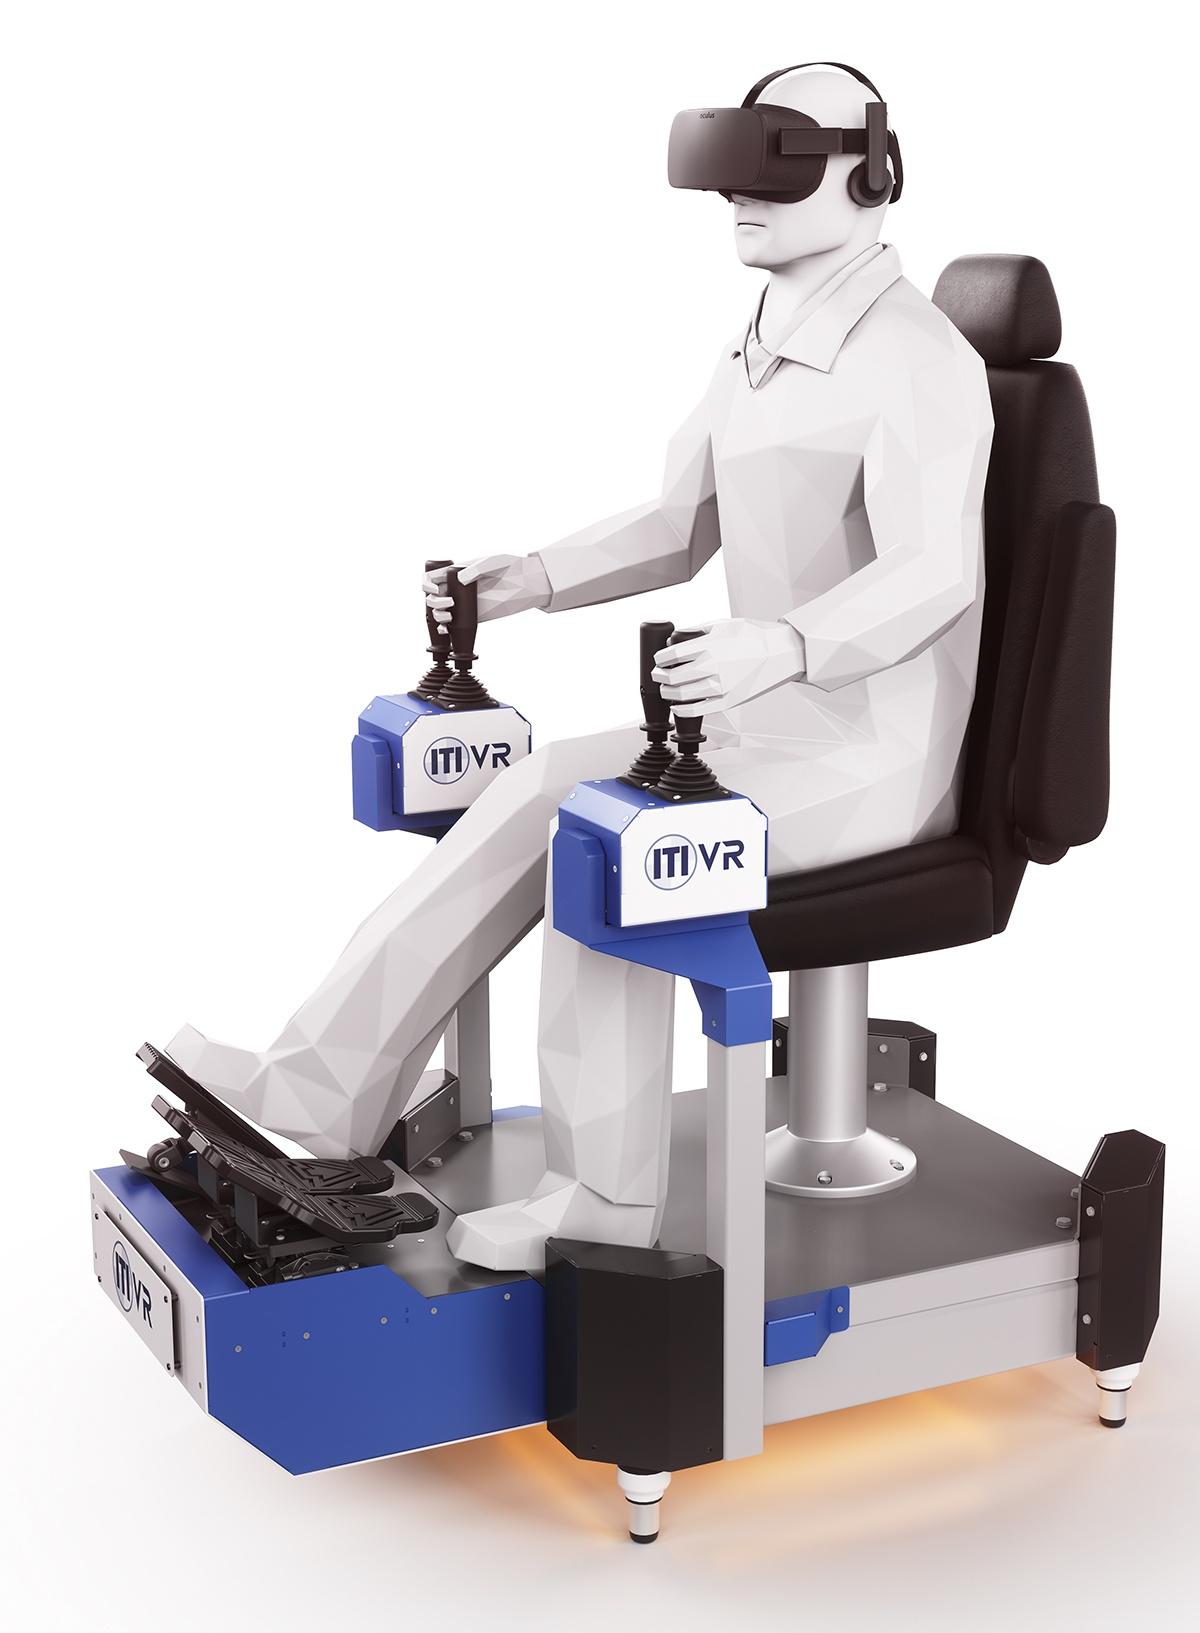 ITI-VR-Simulator-MotionBase.jpg